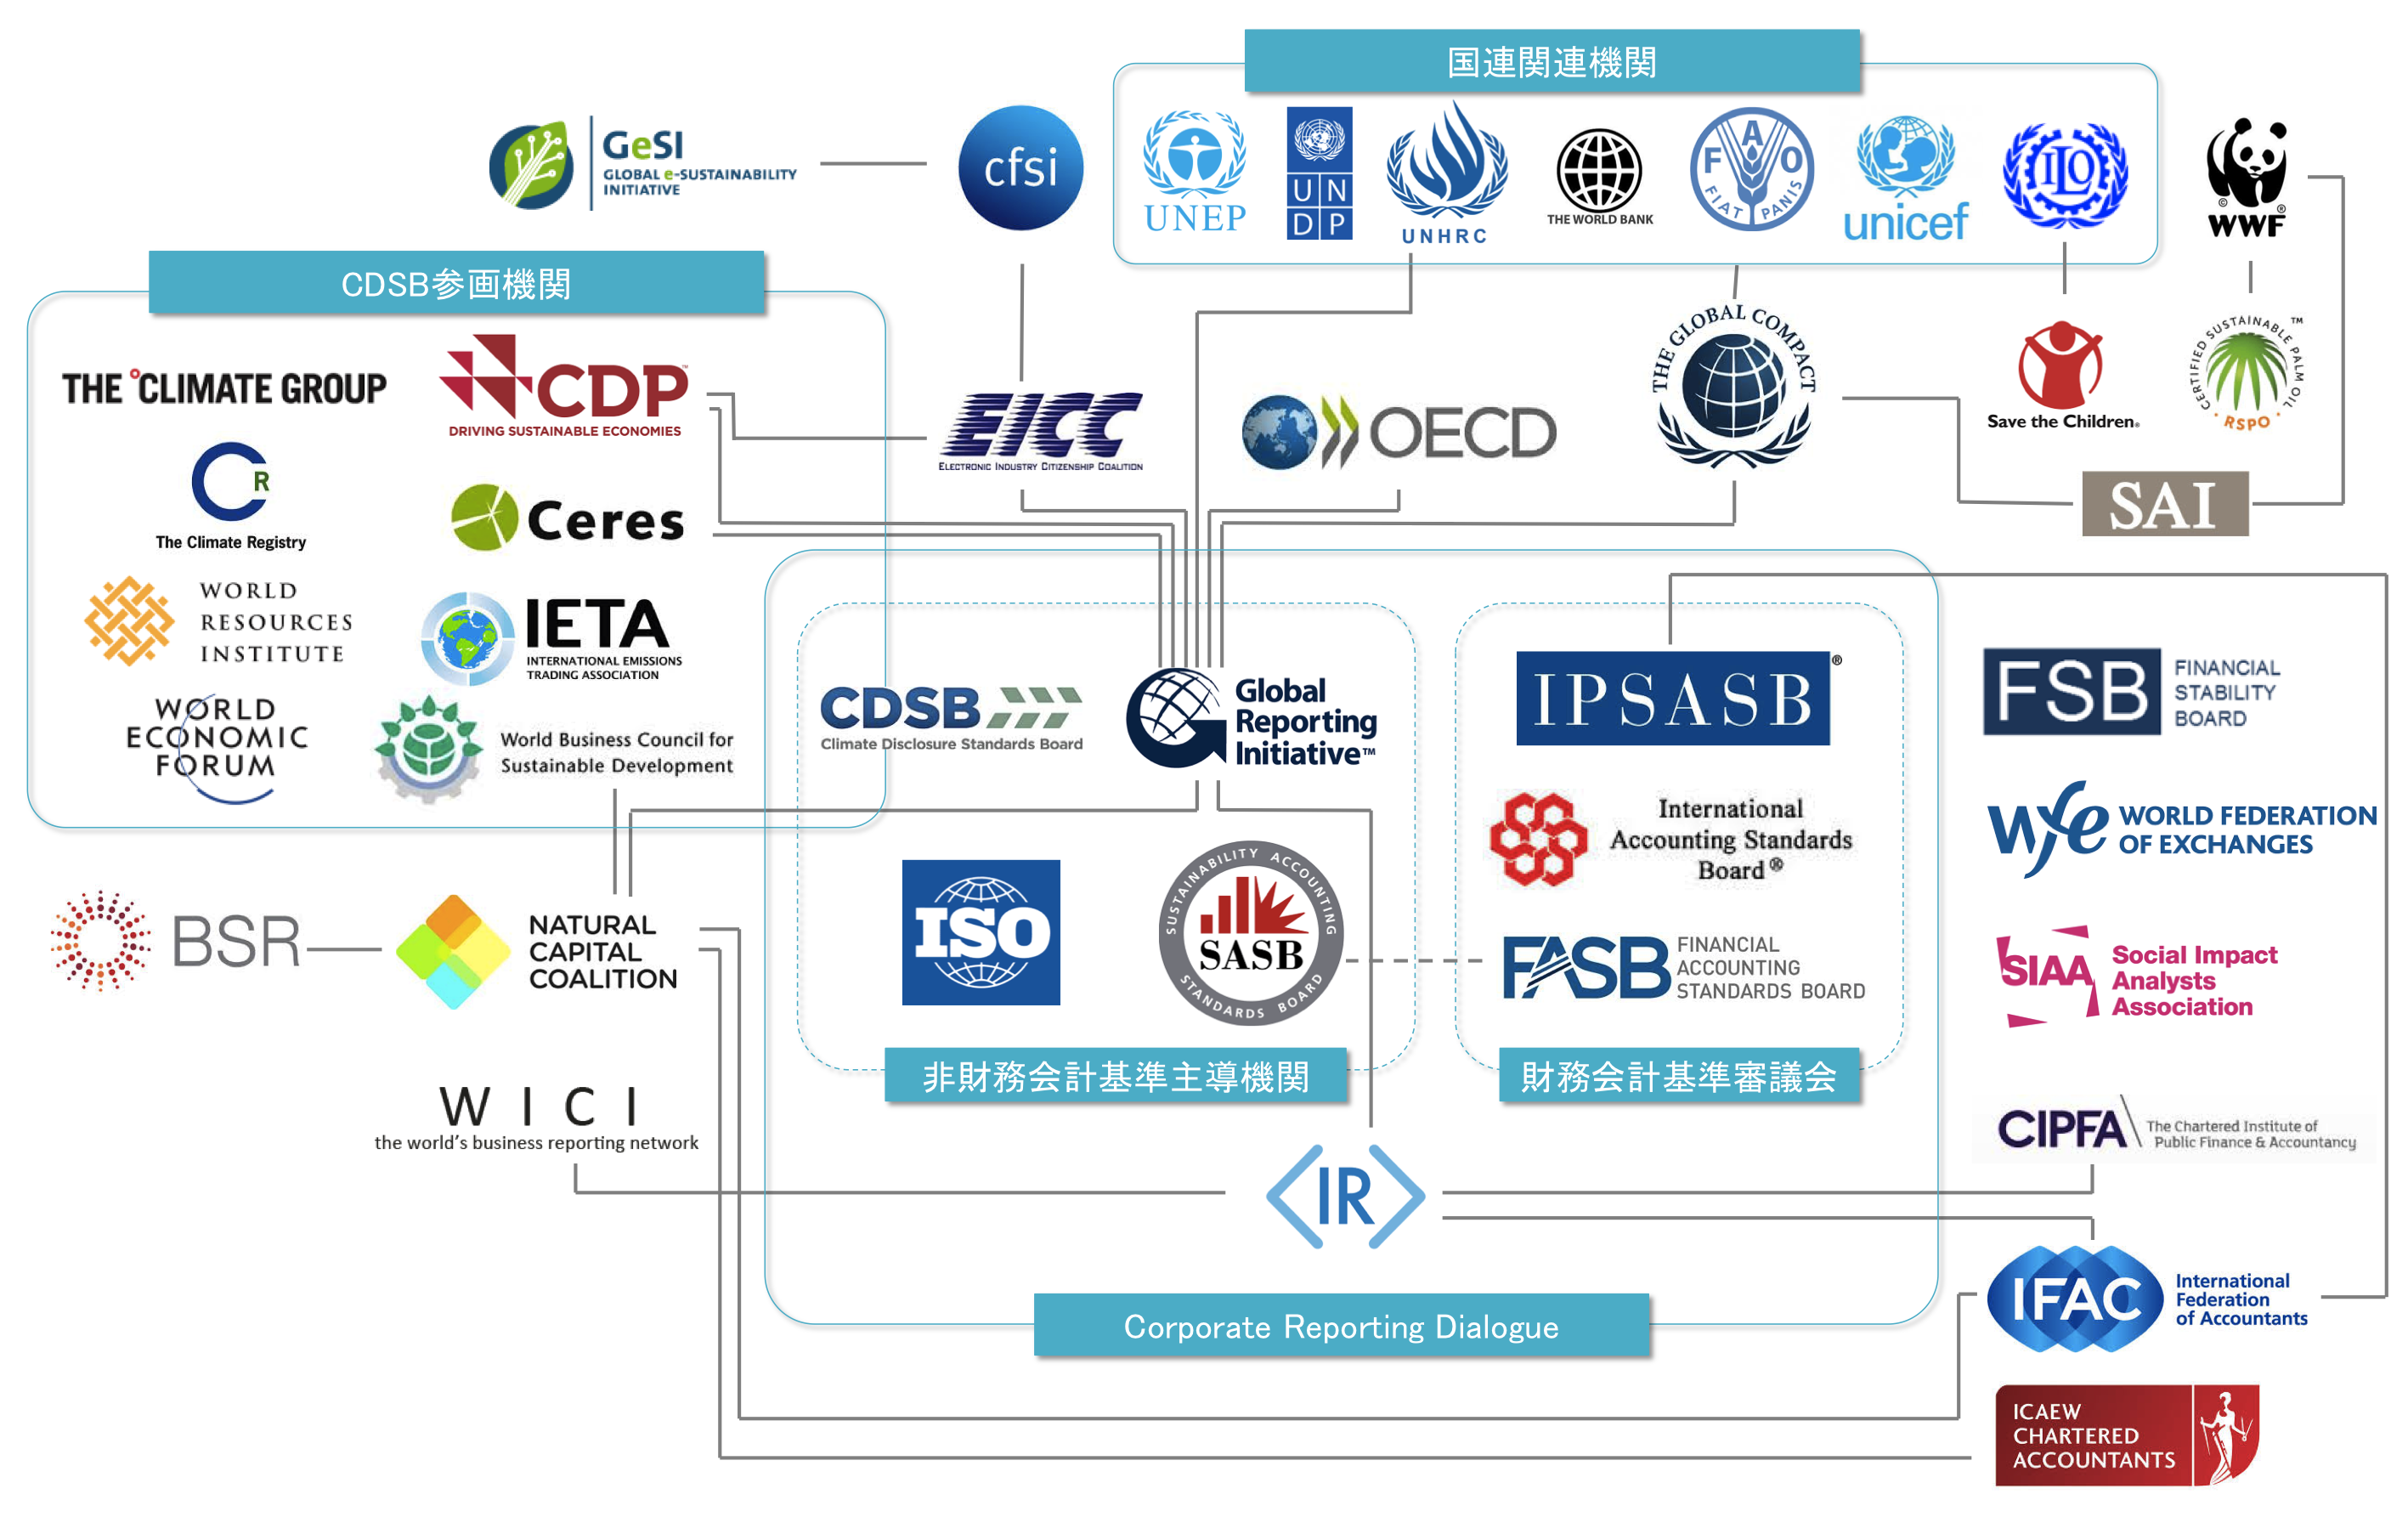 サステナビリティ・CSR報告ガイドラインのカオスマップ - Sustainability-related guidelines chaos map